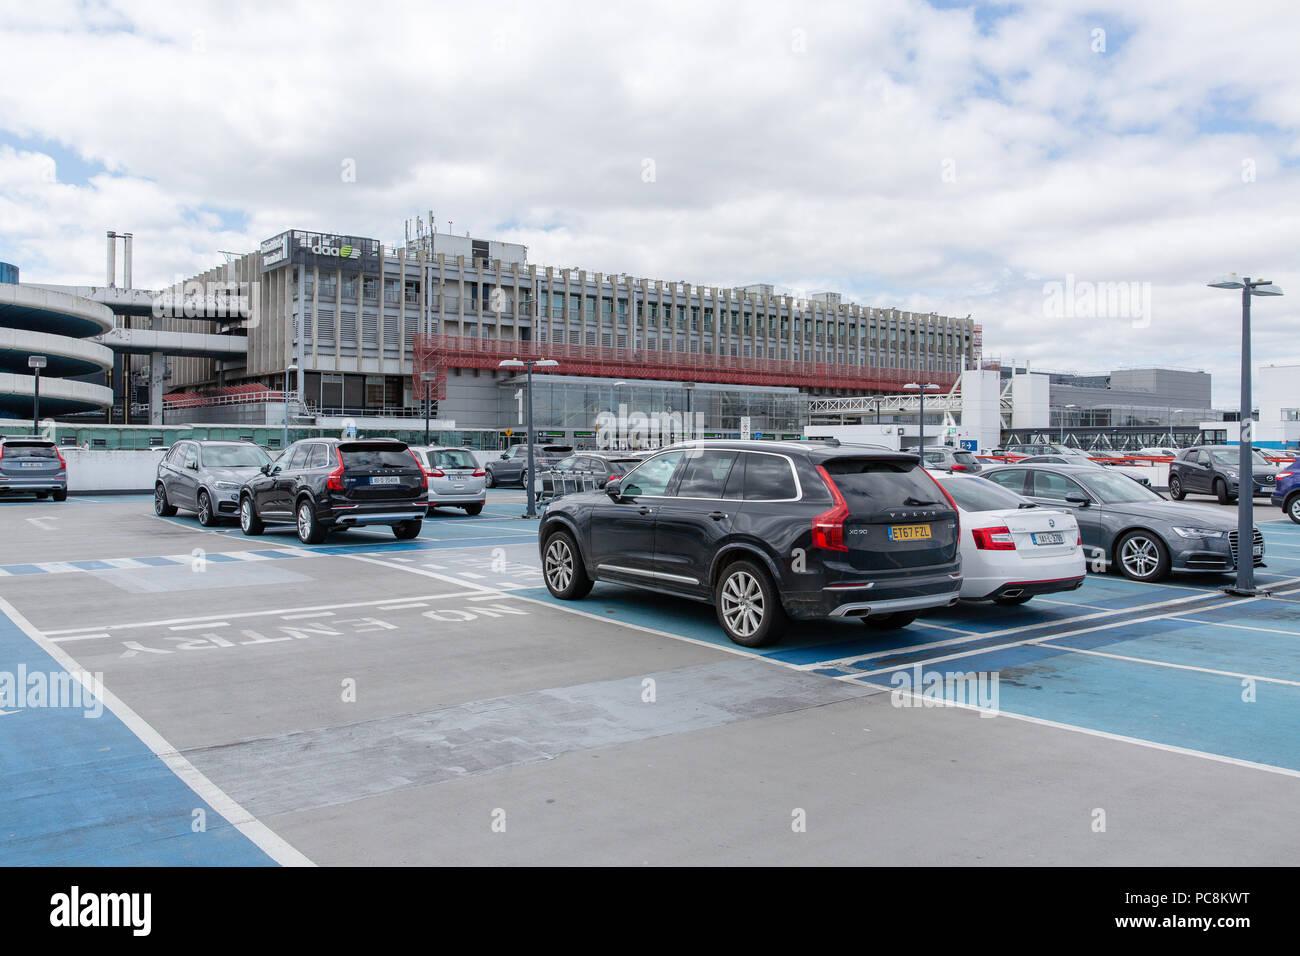 Voitures garées sur le toit du court terme parking à l'aérogare 1, l'Aéroport International de Dublin, Irlande. Photo Stock